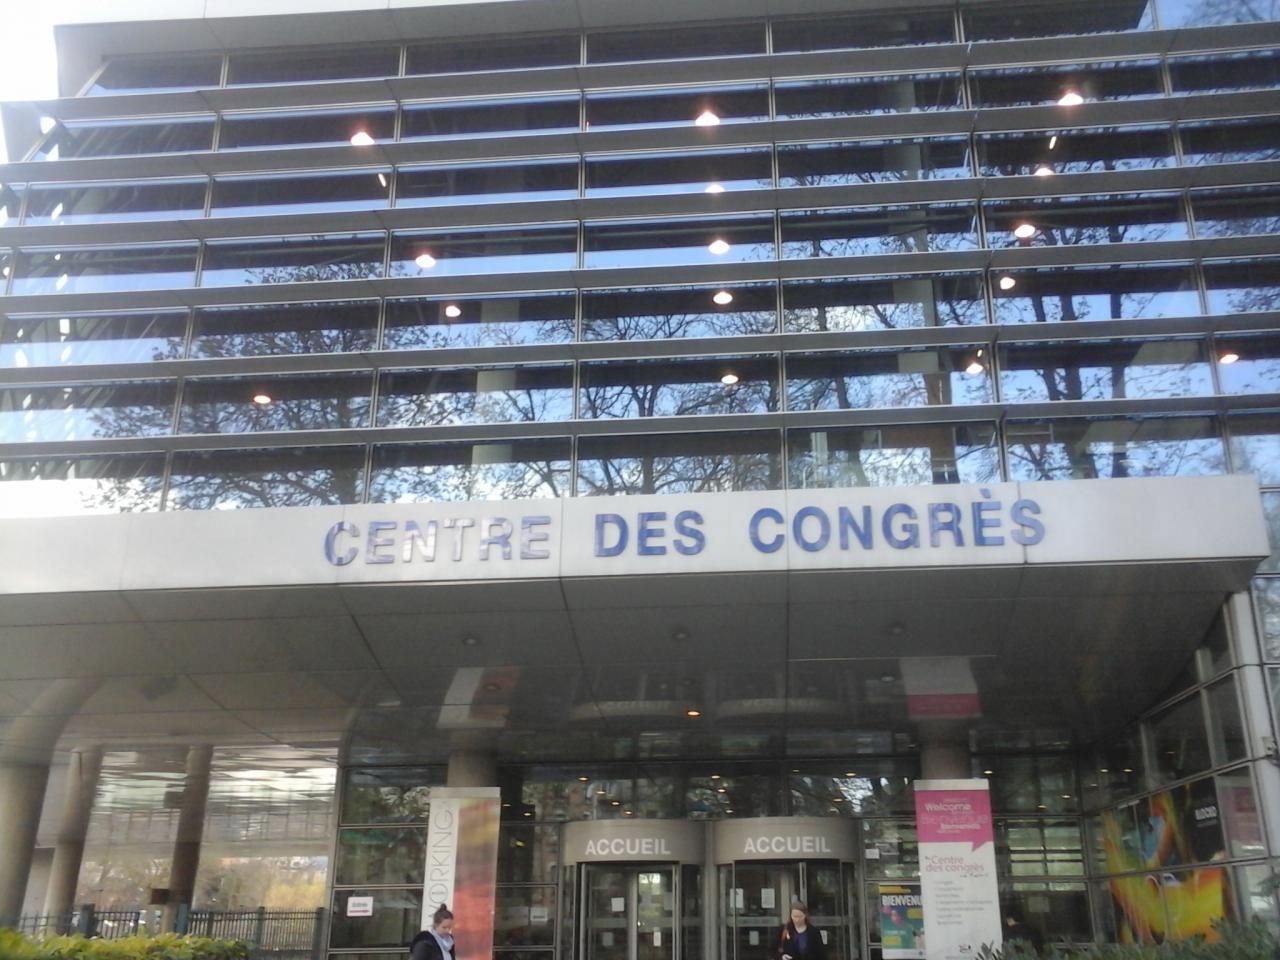 Entrée du centre des congrès de Reims